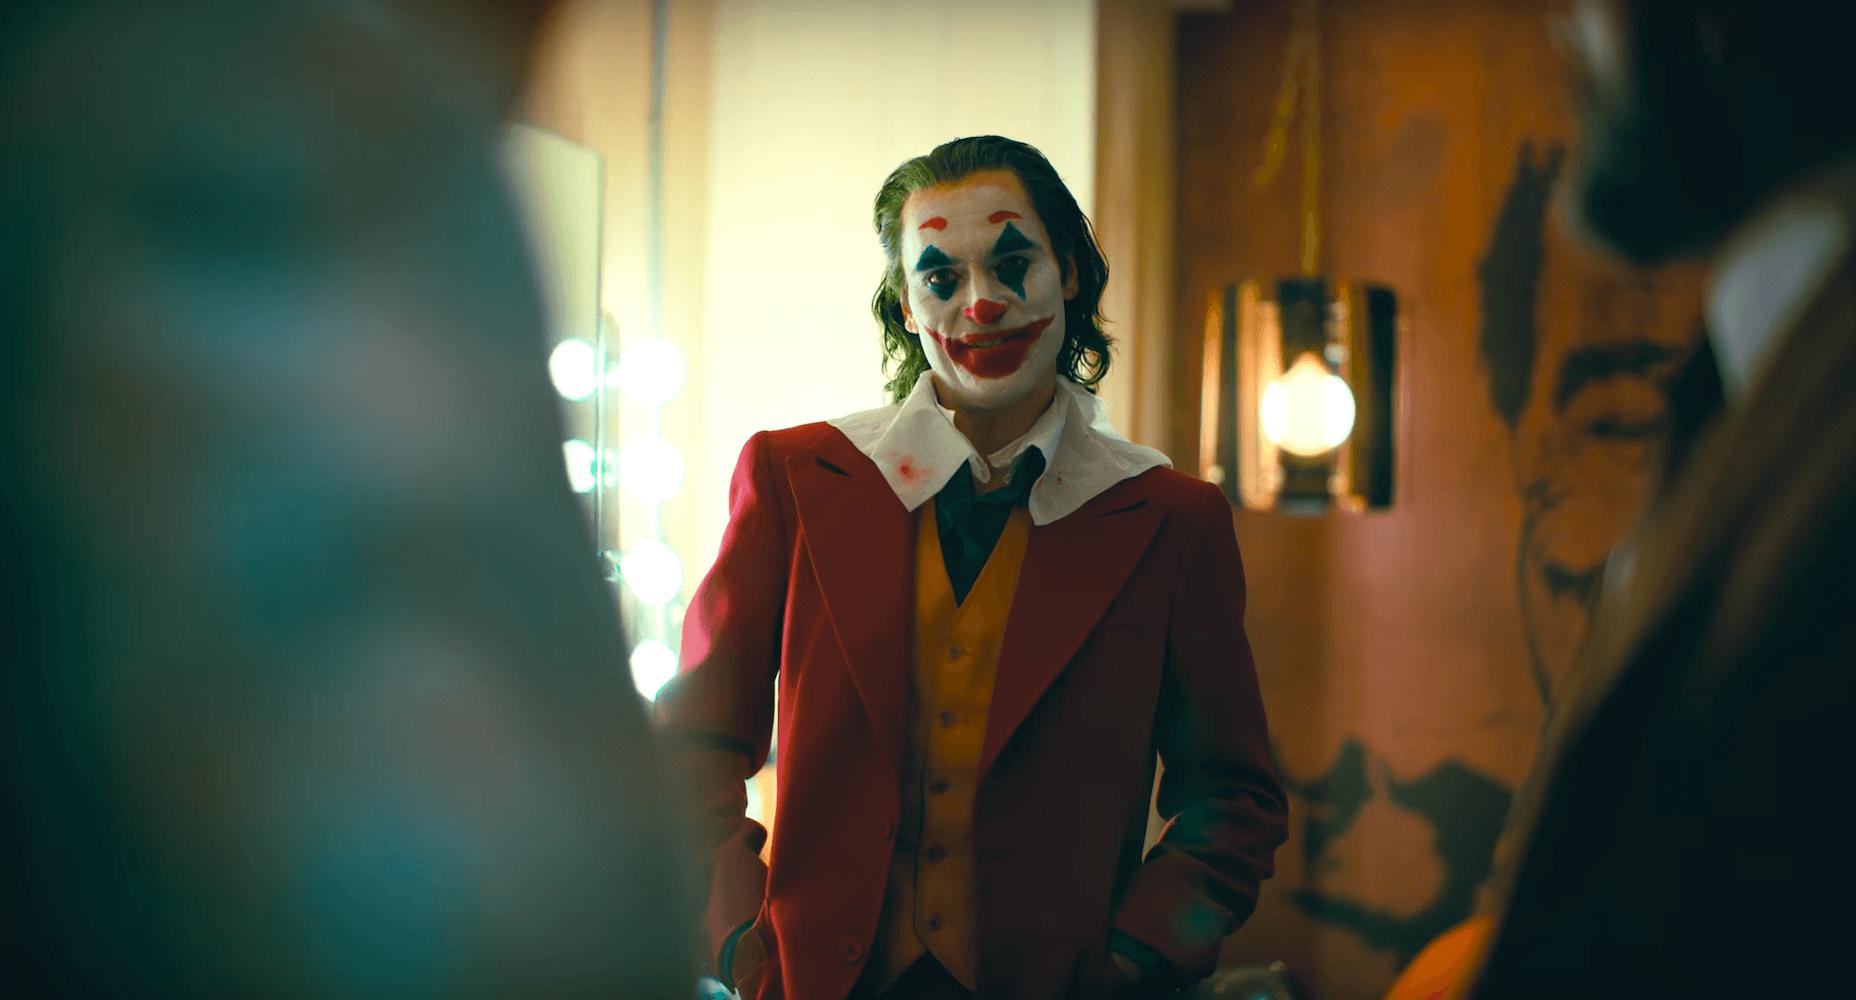 trailer final de Joker